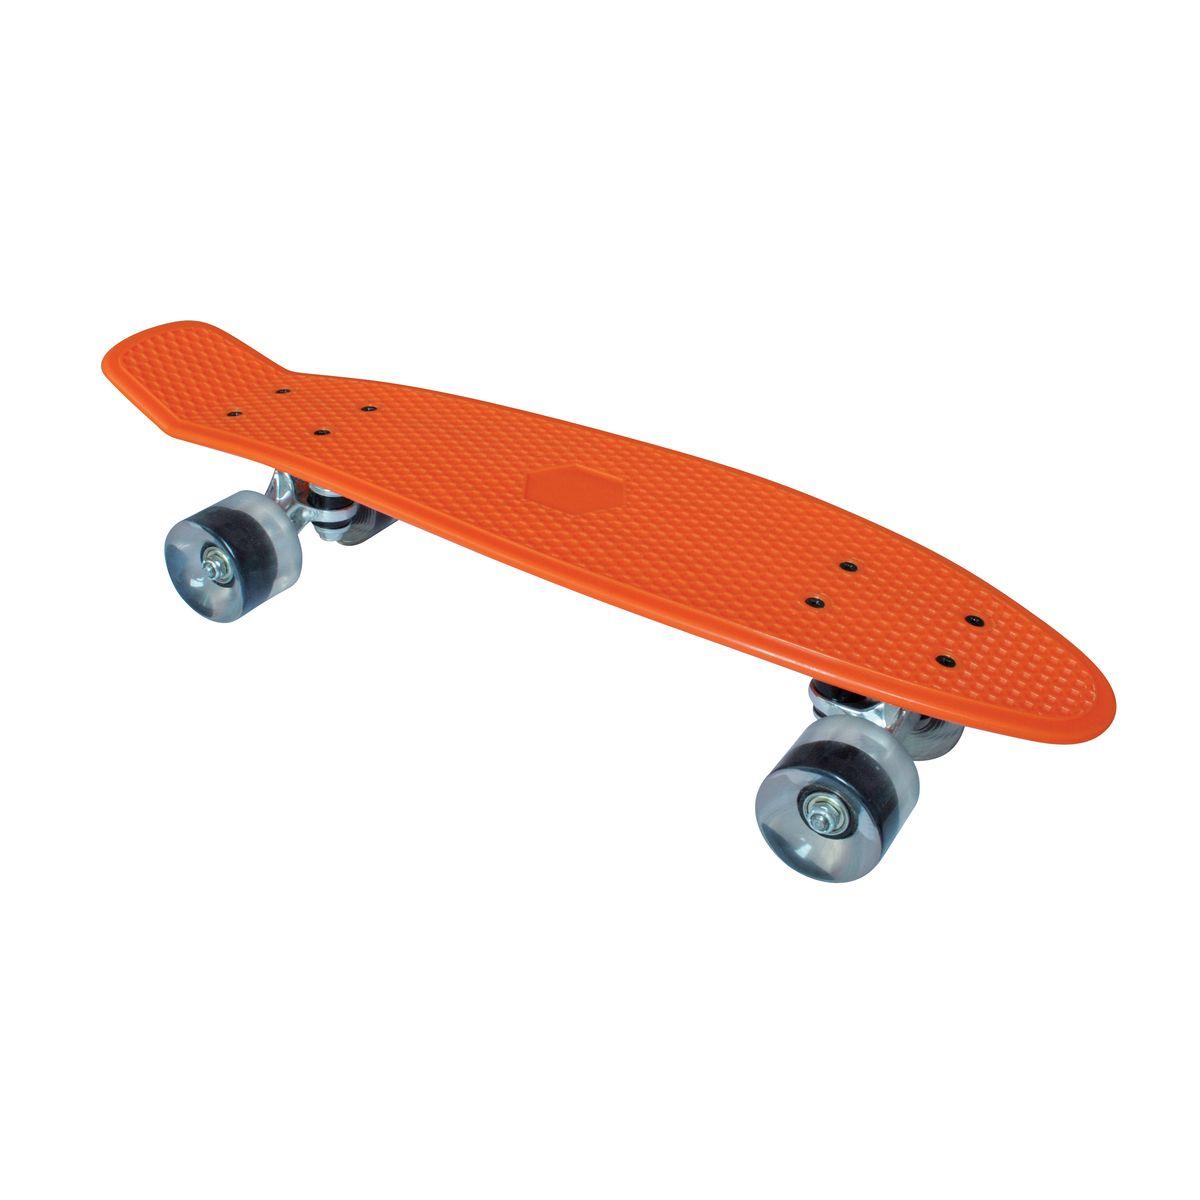 Скейтборд пластиковый Tempish Retro Buffy, цвет: оранжевыйKarjala Comfort NNNПени борд Tempish Buffy нагрузка до 100 кг